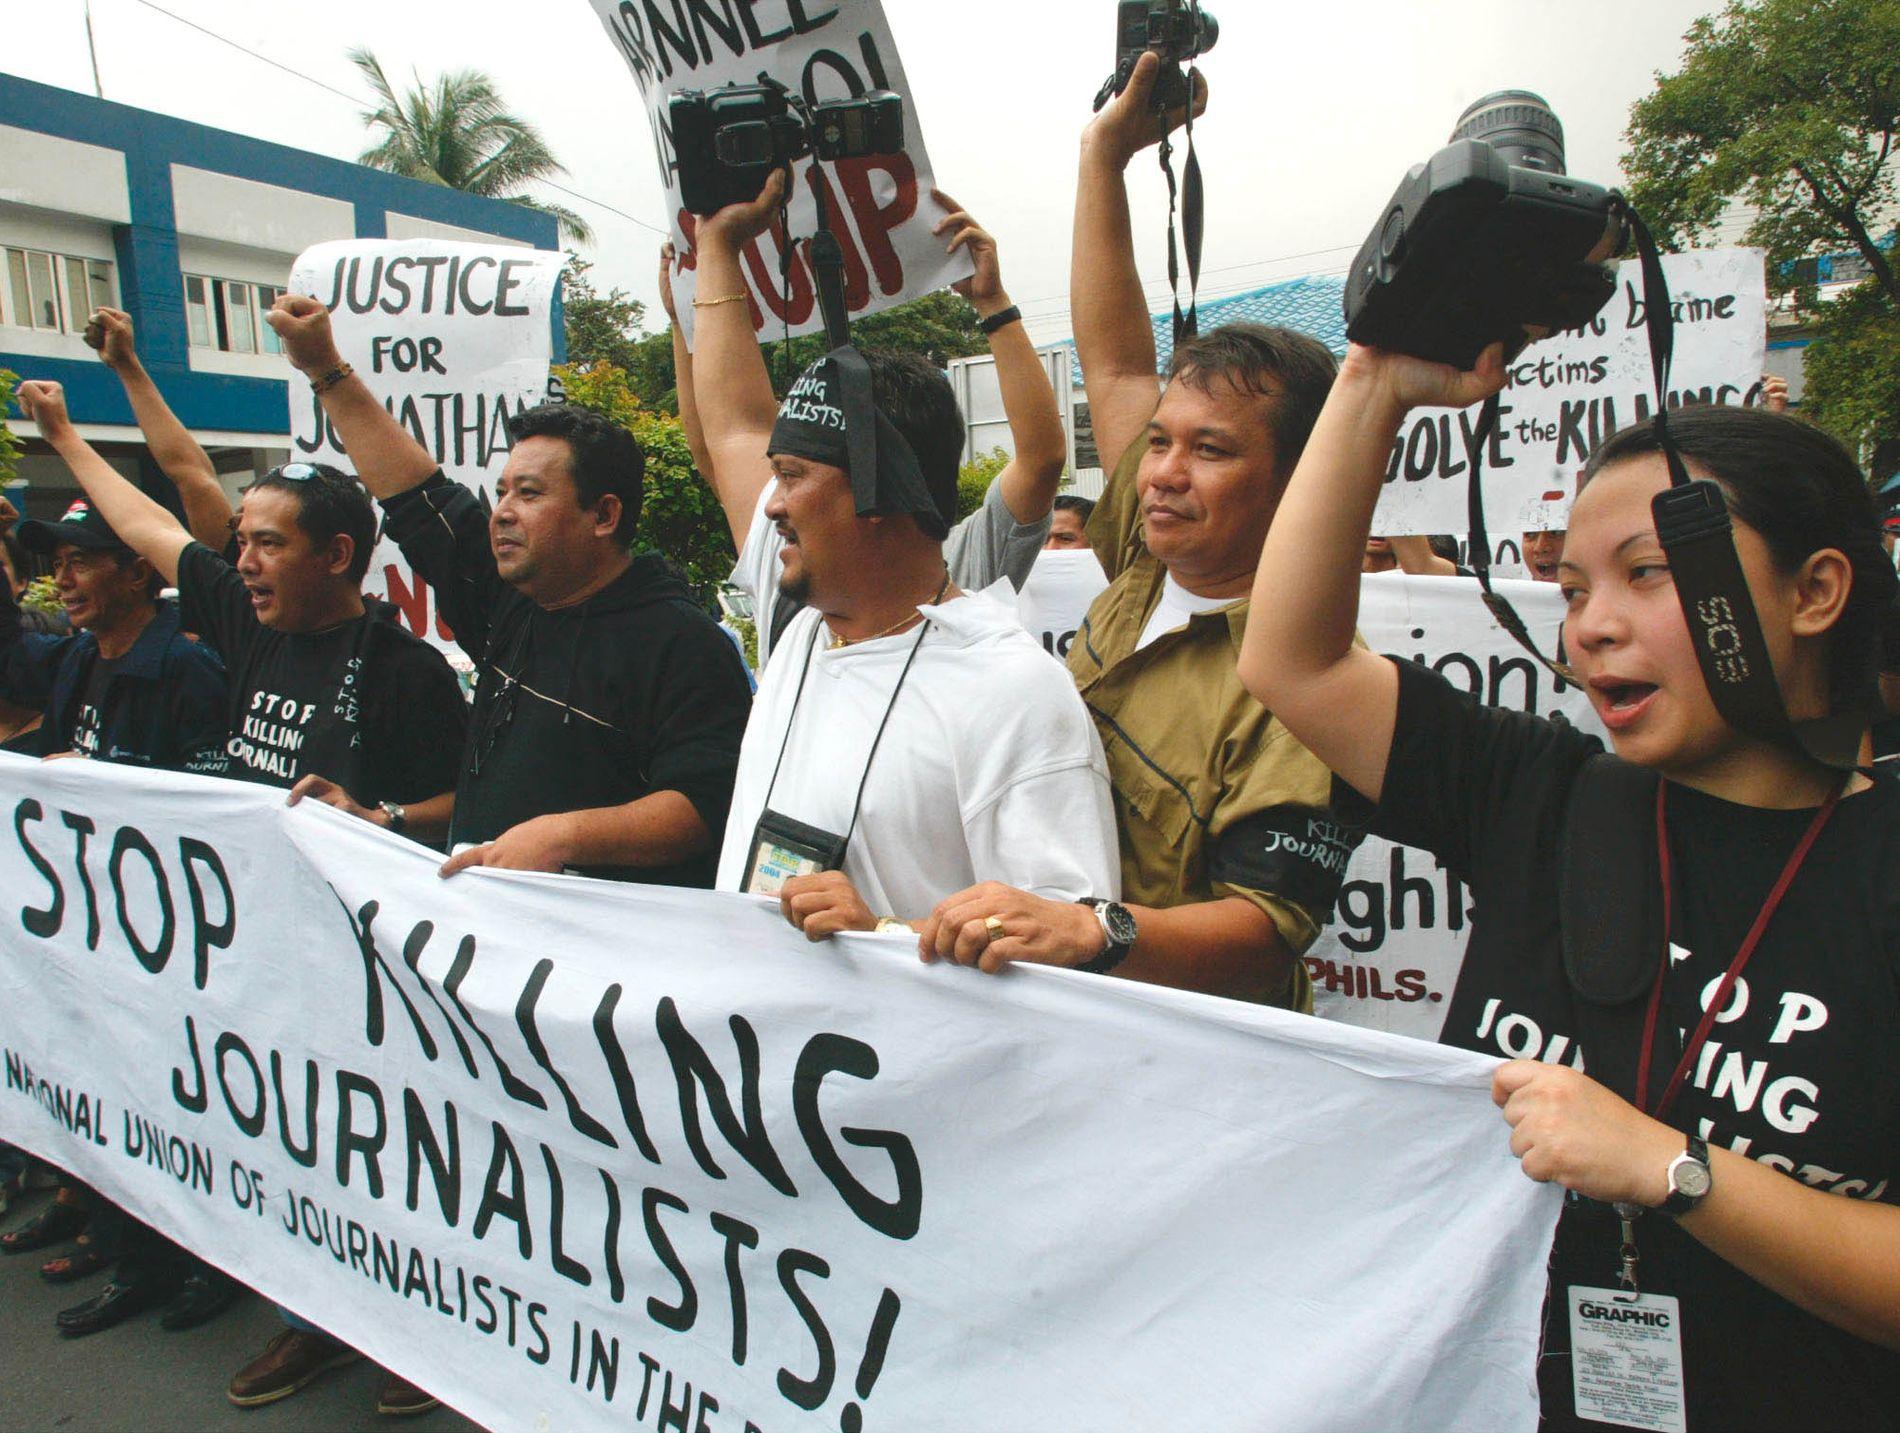 FARLIG STED FOR JOURNALISTER: En protest for å rette fokus på drepte journalister i august 2004 utenfor hovedpolitistasjonen i byen Quezon, Filippinene. Mellom 1986, da demokratiet ble restaurert, og til 2004 ble 40 journalister drept på Filippinene.